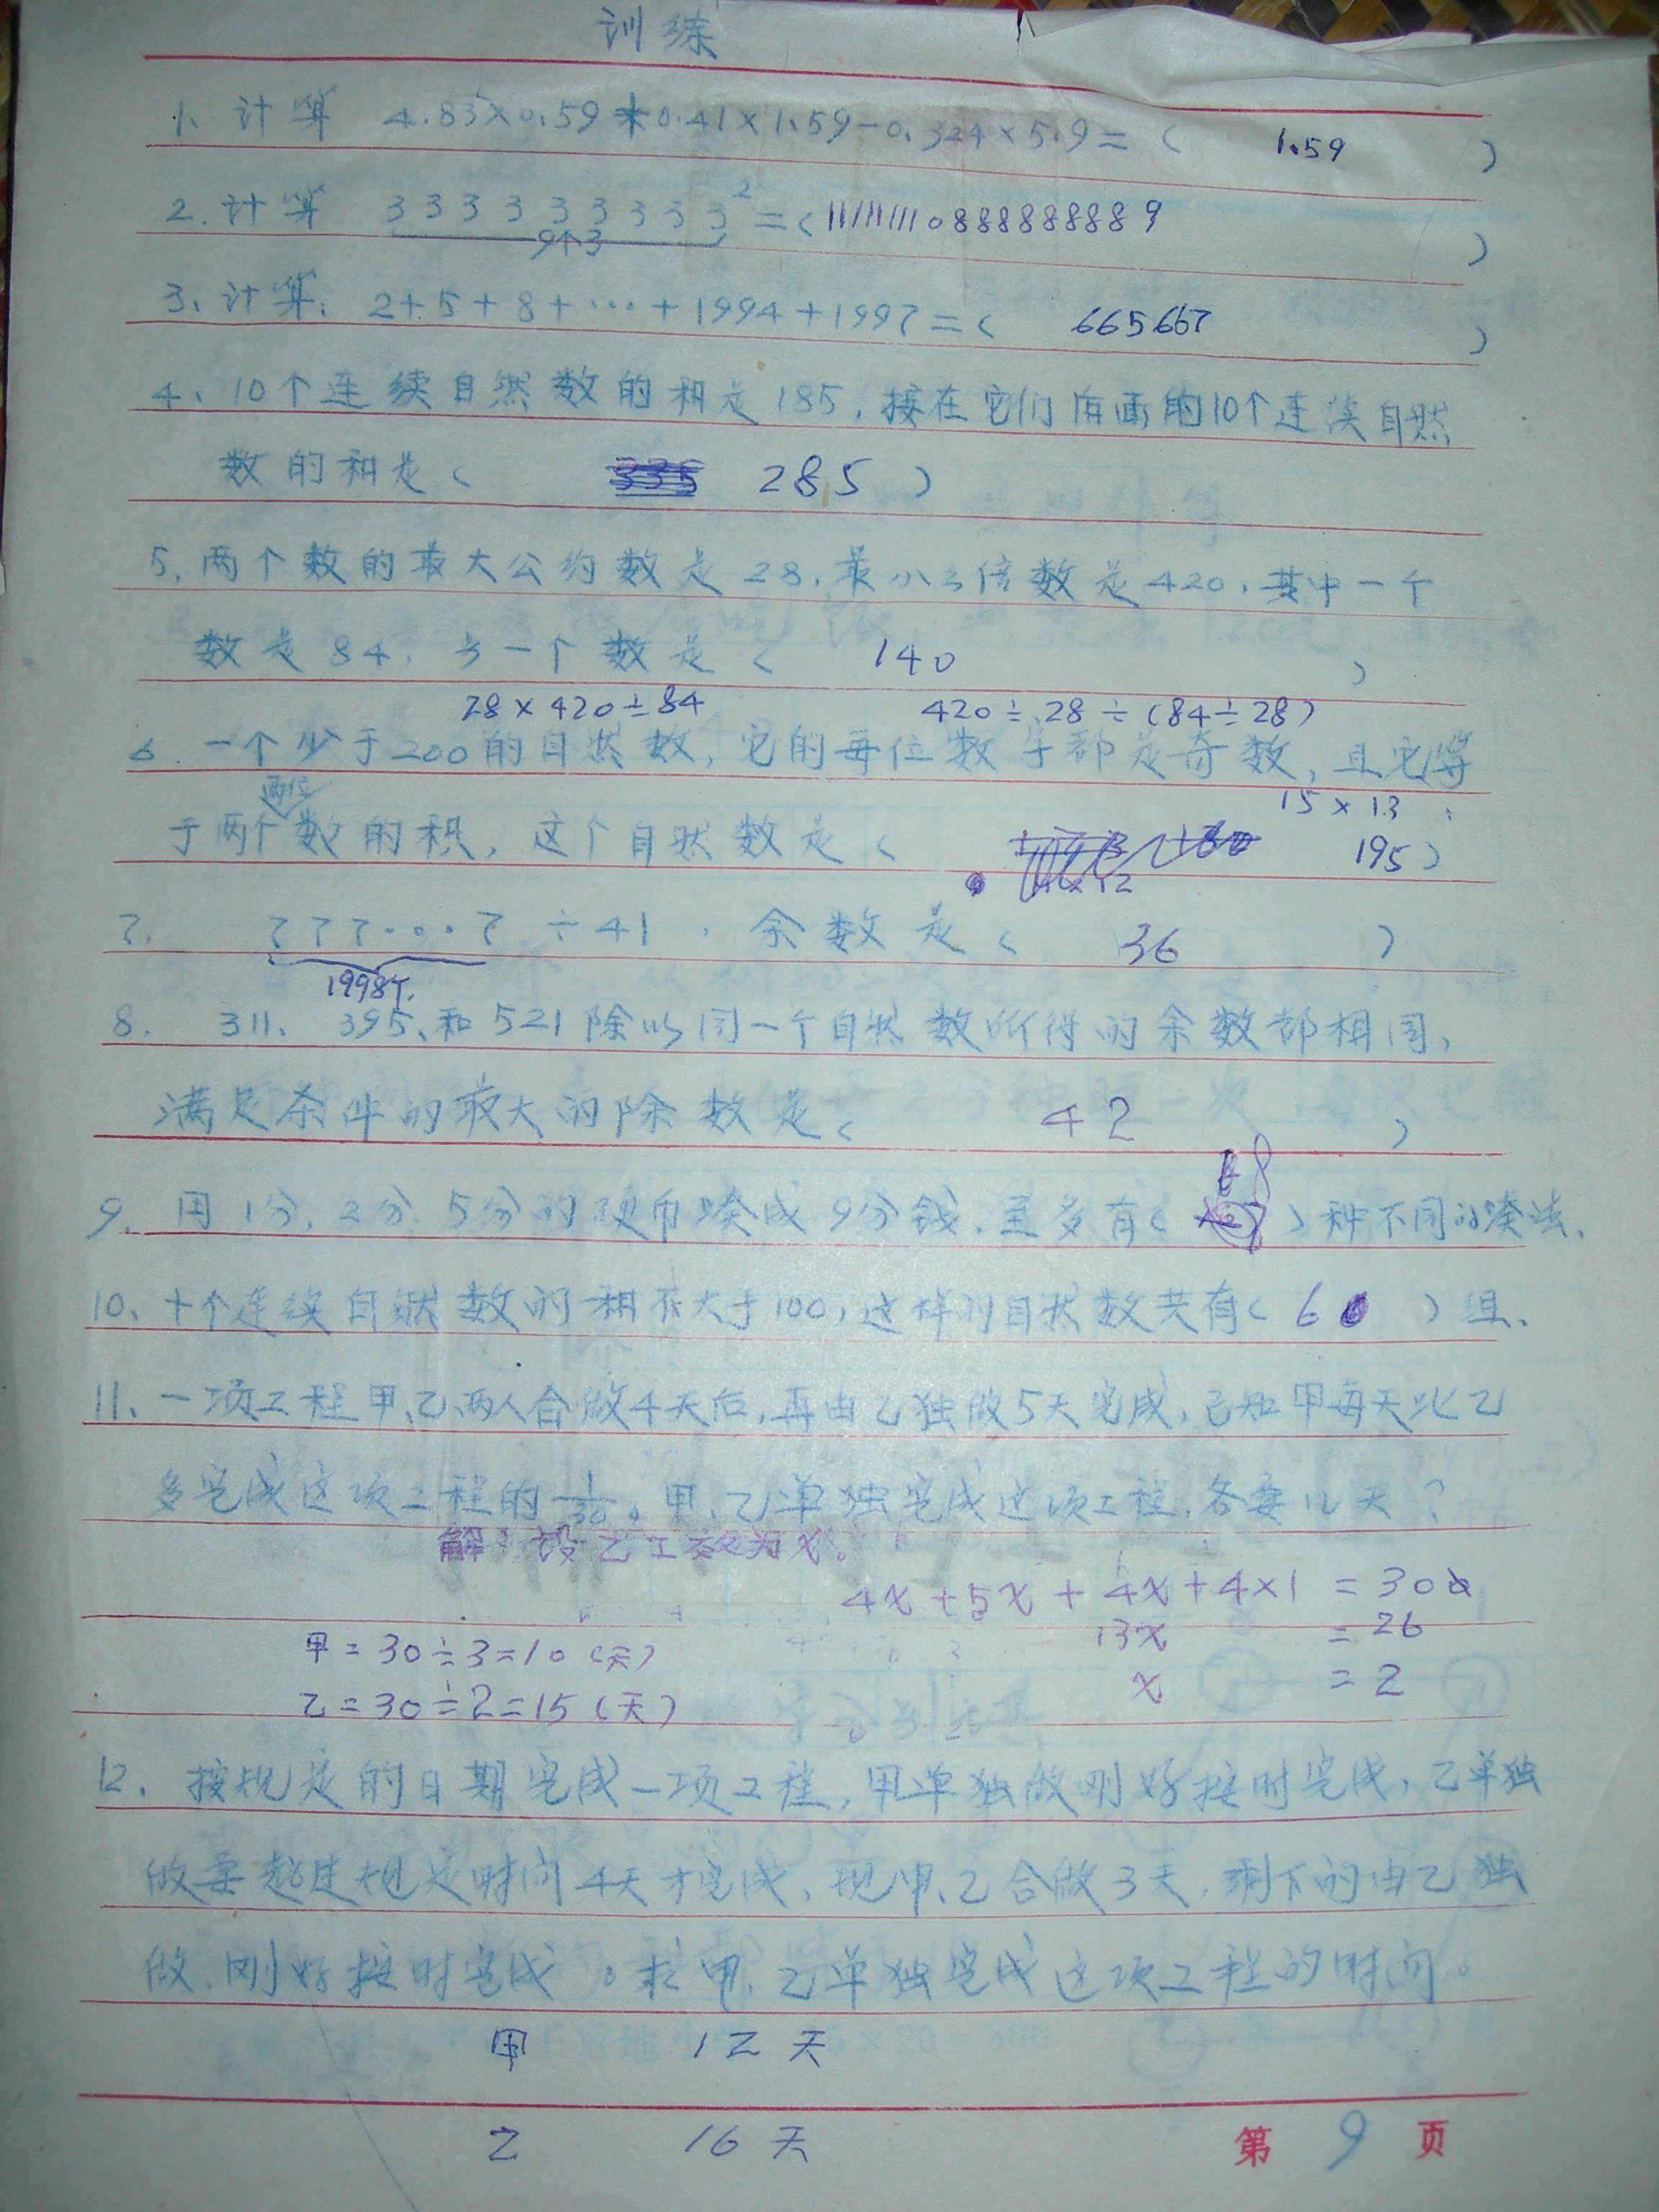 数学竞赛训练题目·回忆8.JPG